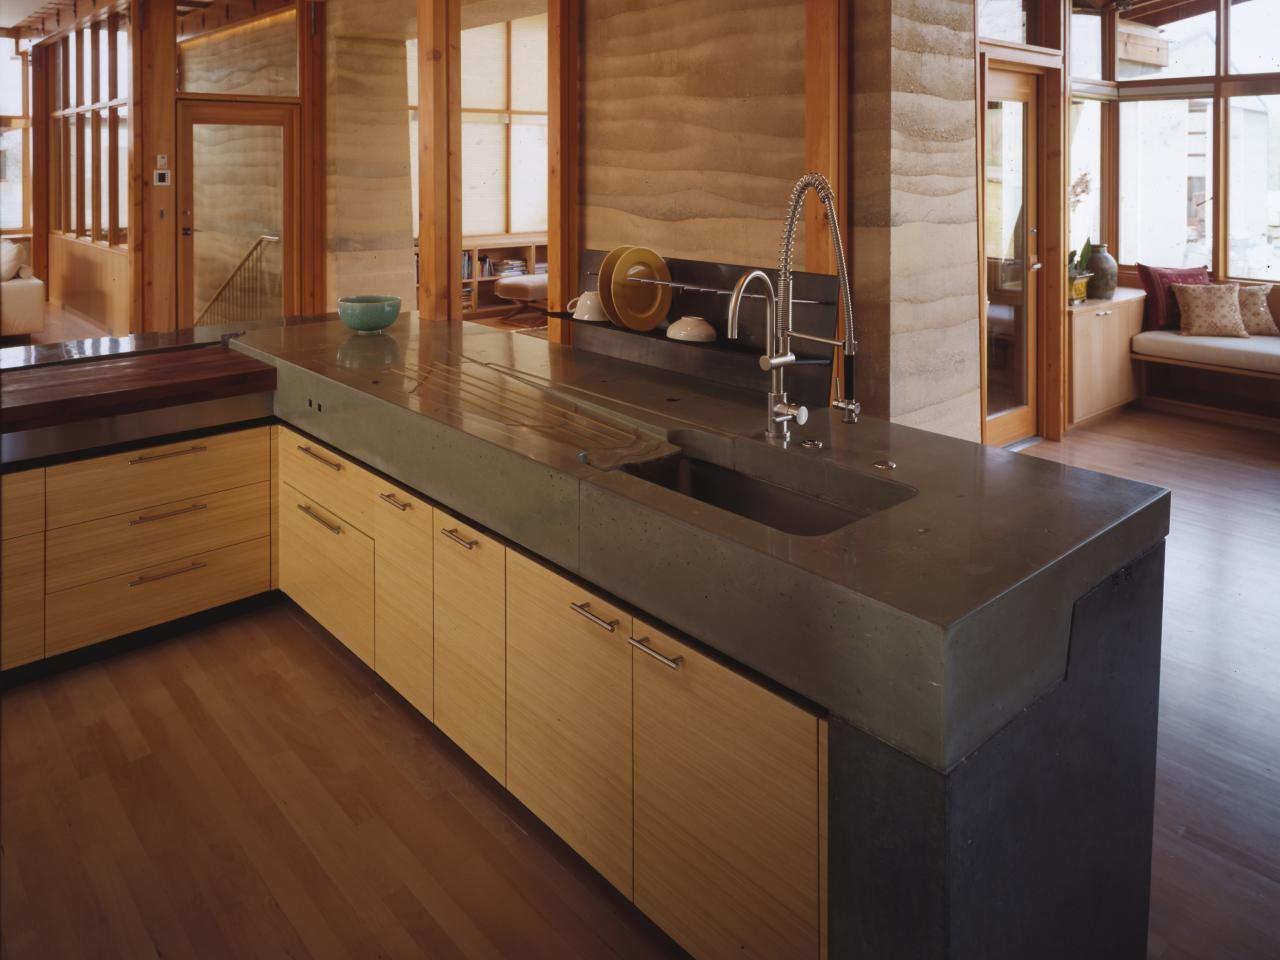 Superior Concrete Kitchen Countertop